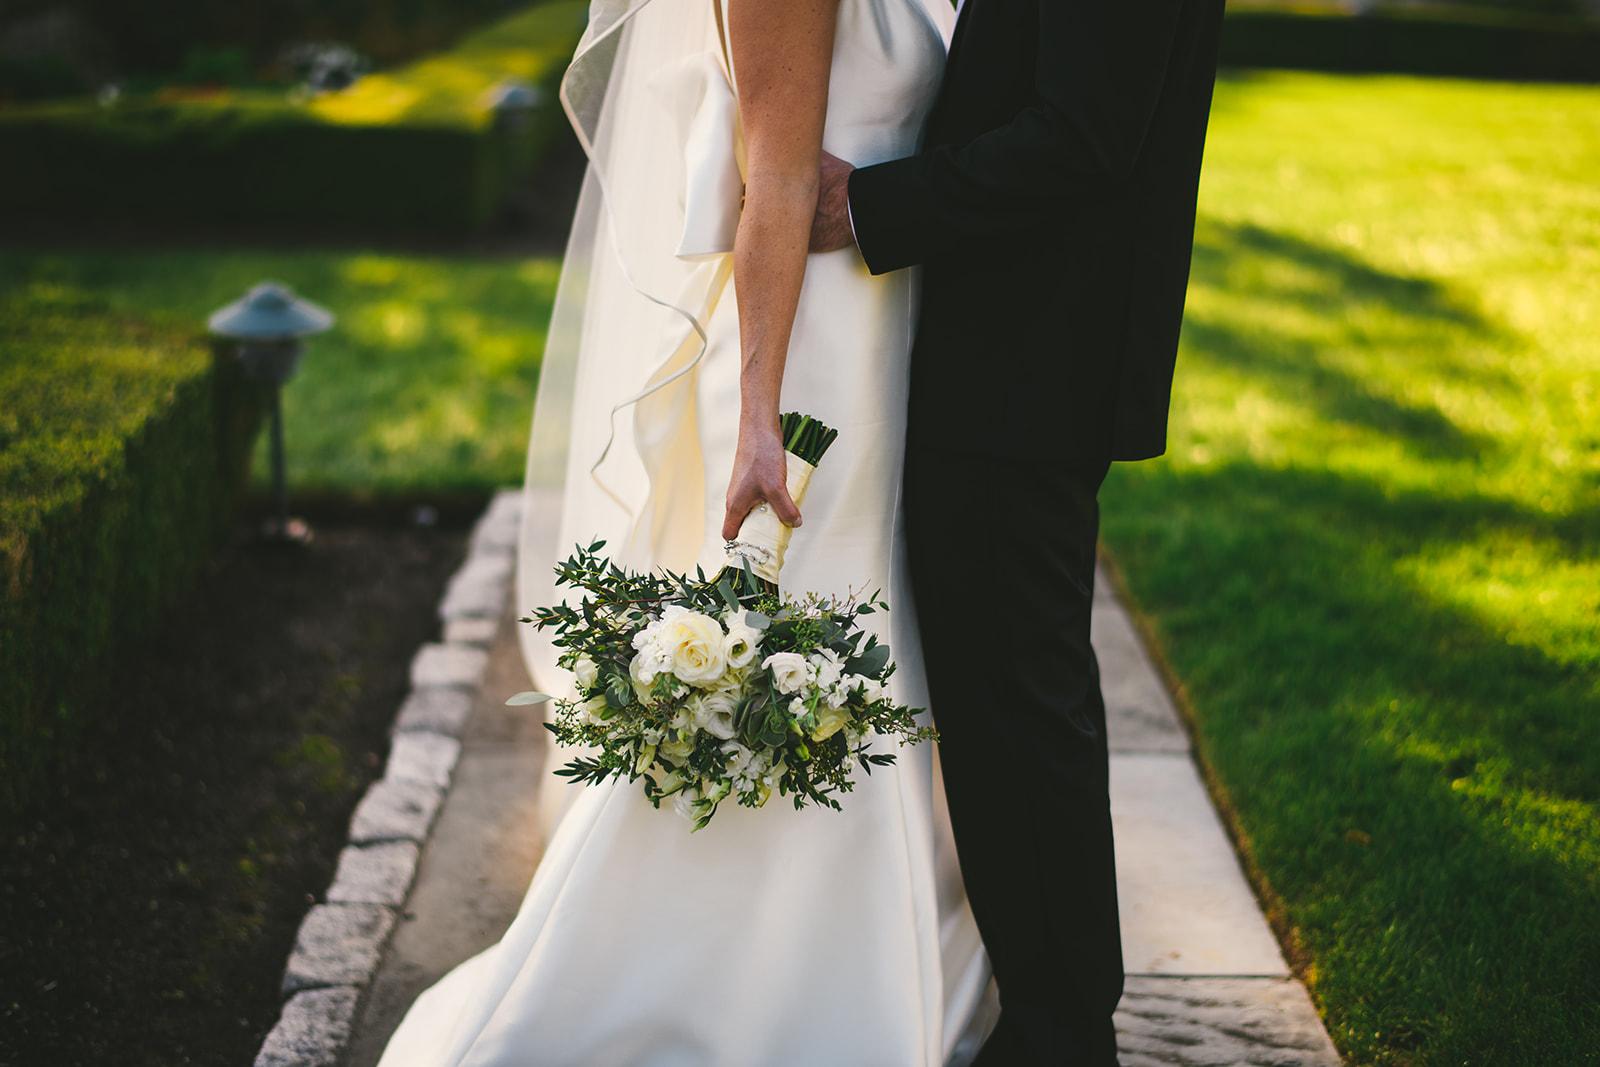 14 bridal bouquet in brides hands.jpg